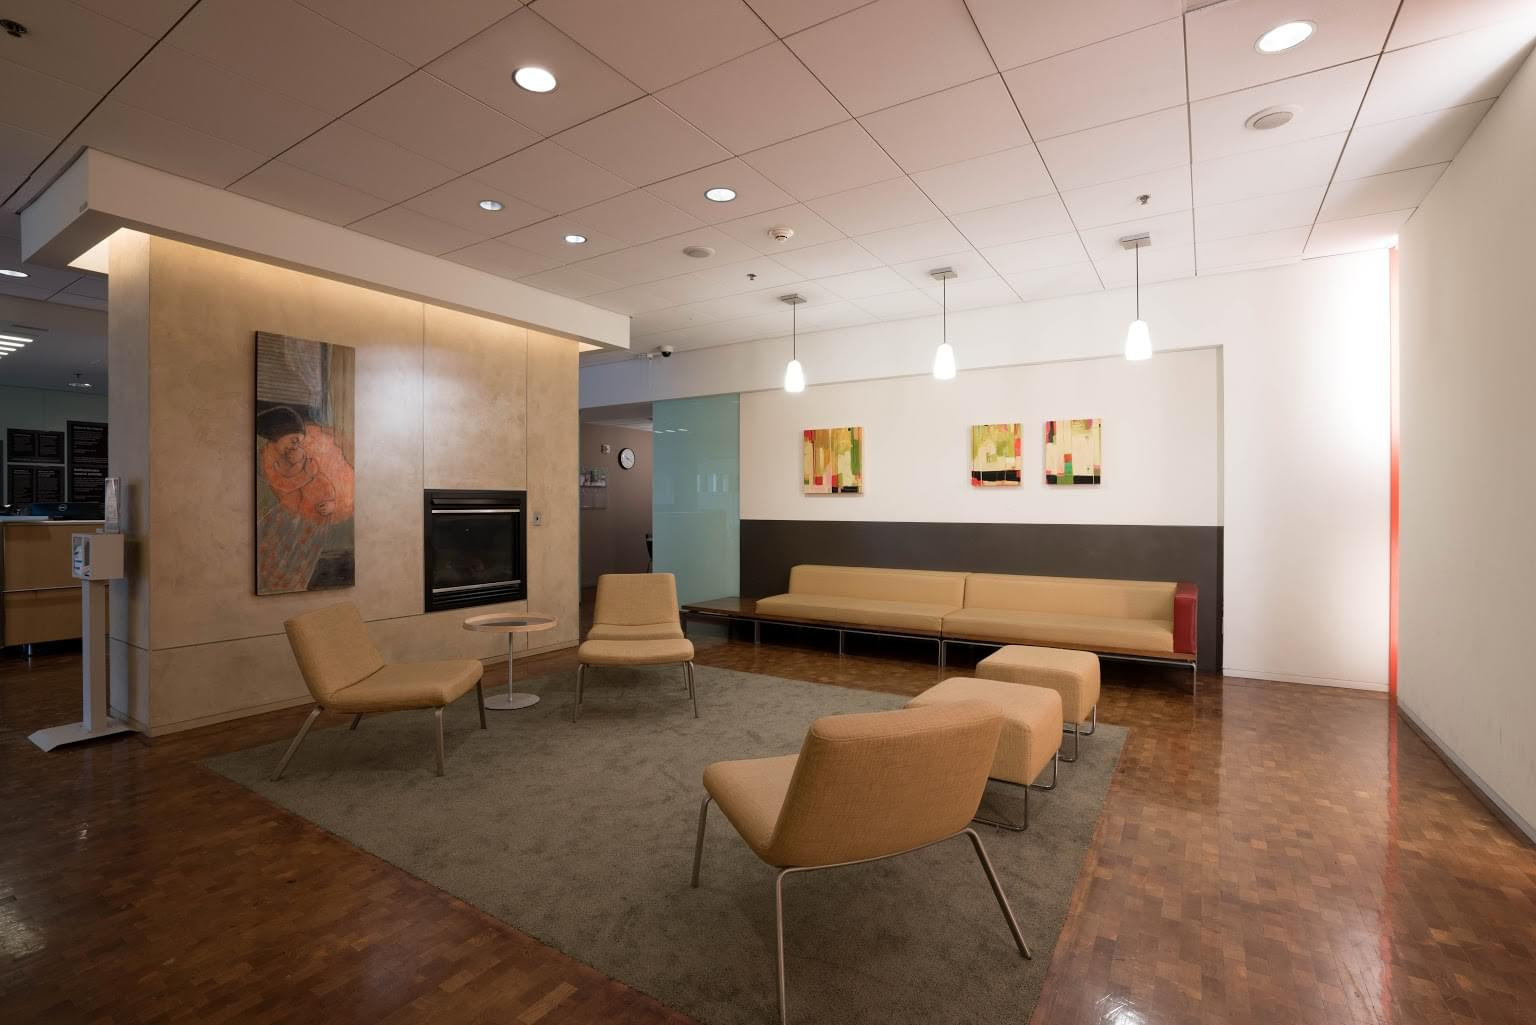 Valley Medical Center – Renton, WA – Birth Center